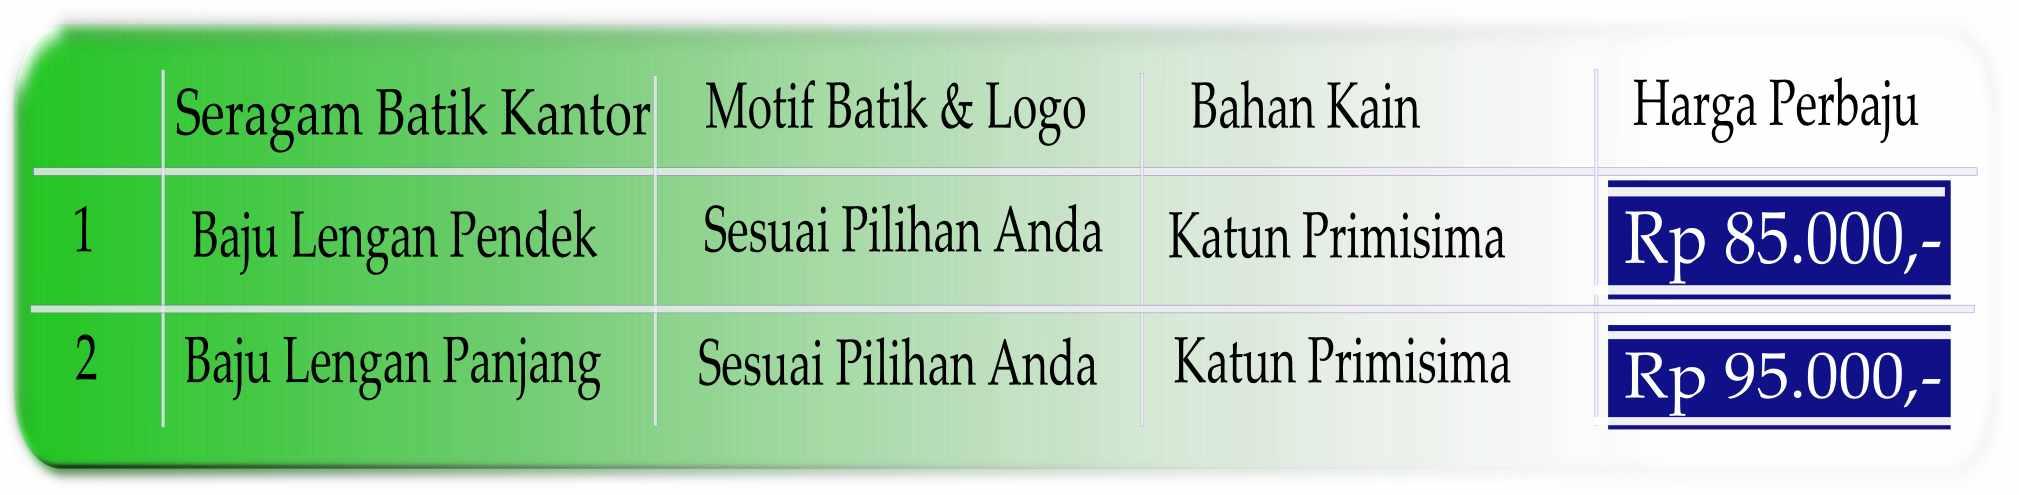 Seragam batik kantor Kalimantan Tengah modern siap pakai katun primisima